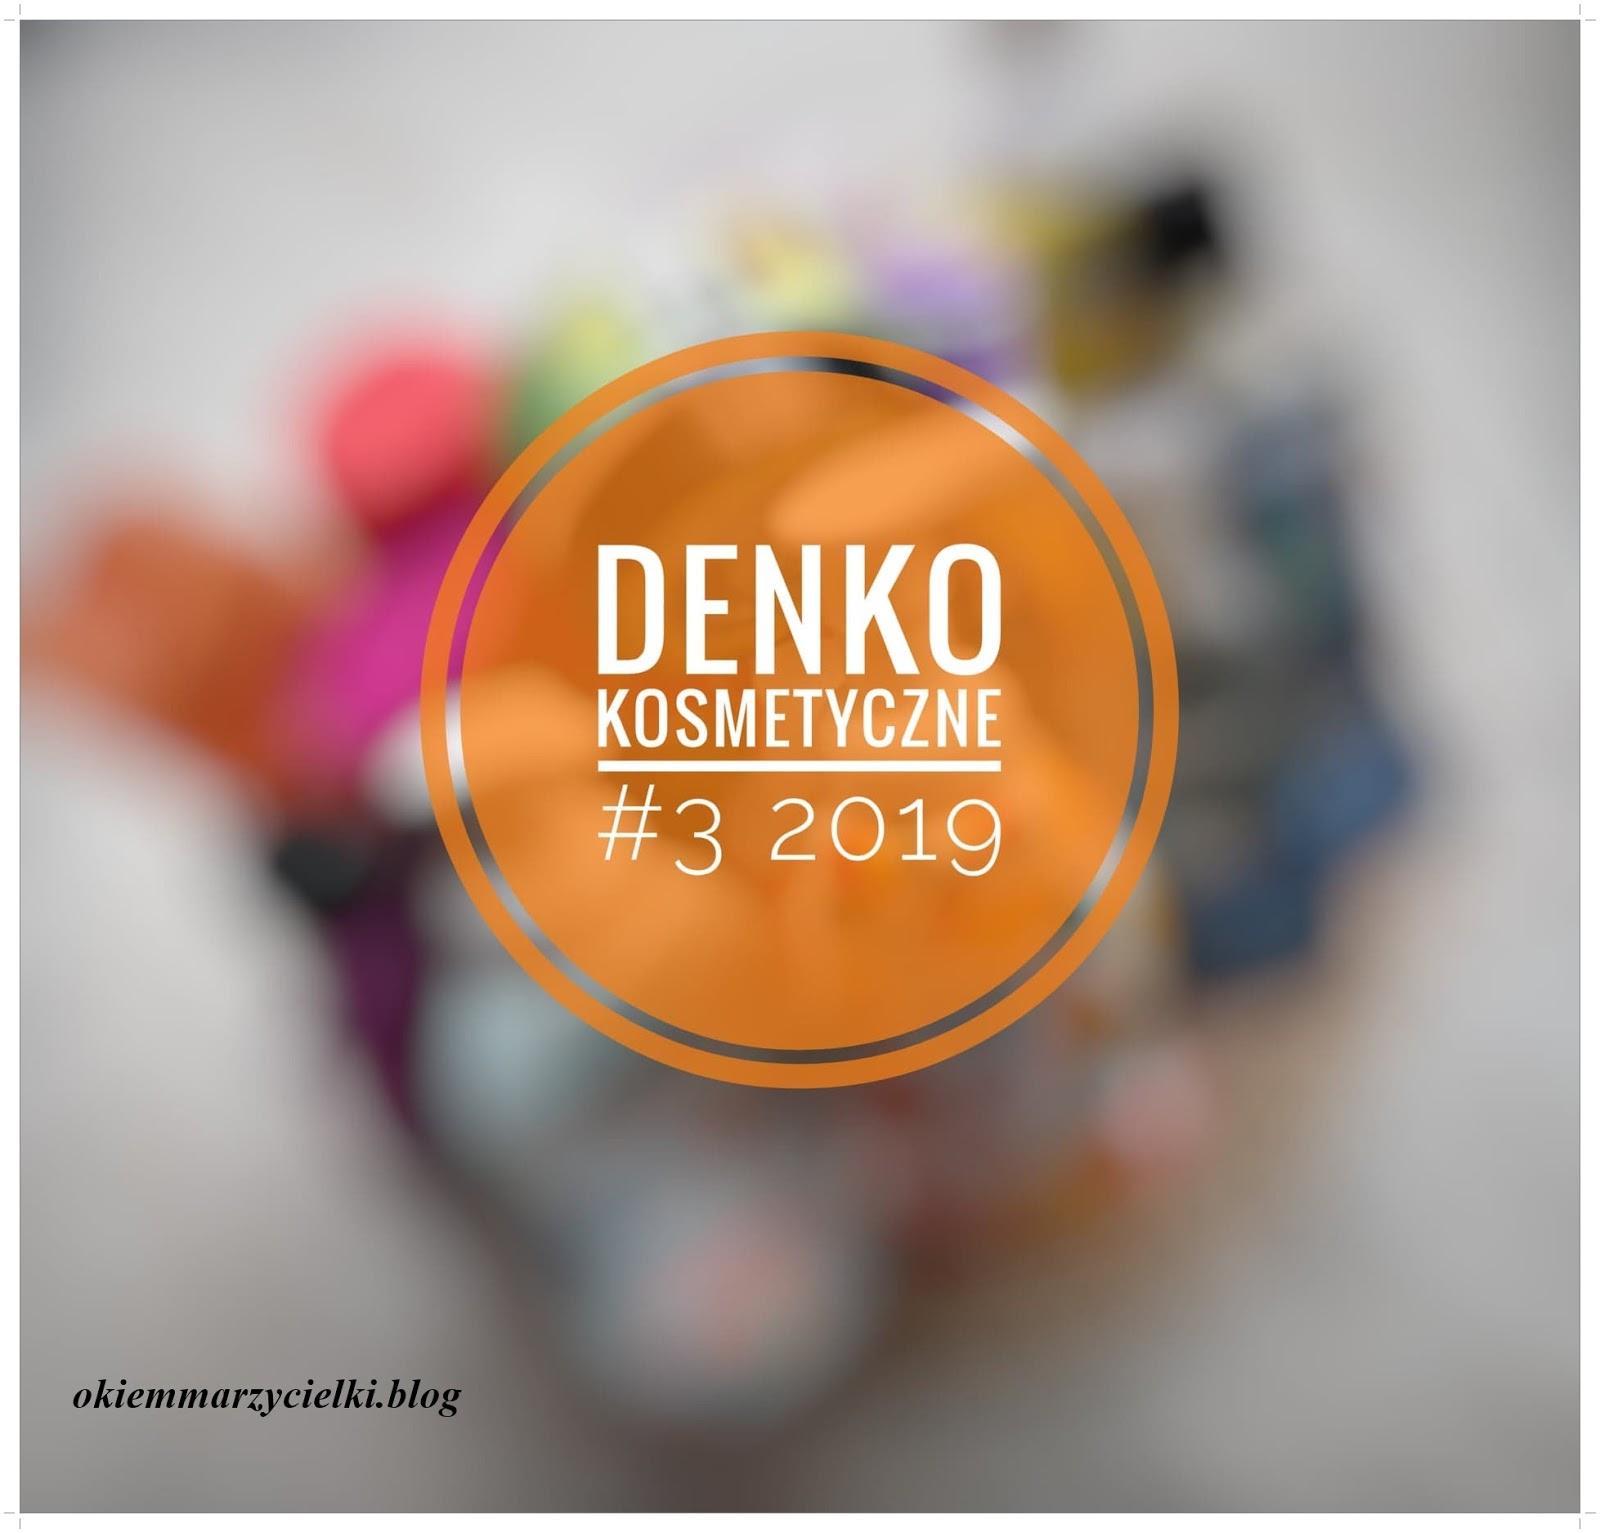 """Projekt denko czyli """"Zużyte czy nie pozbywam się"""" #3 2019"""